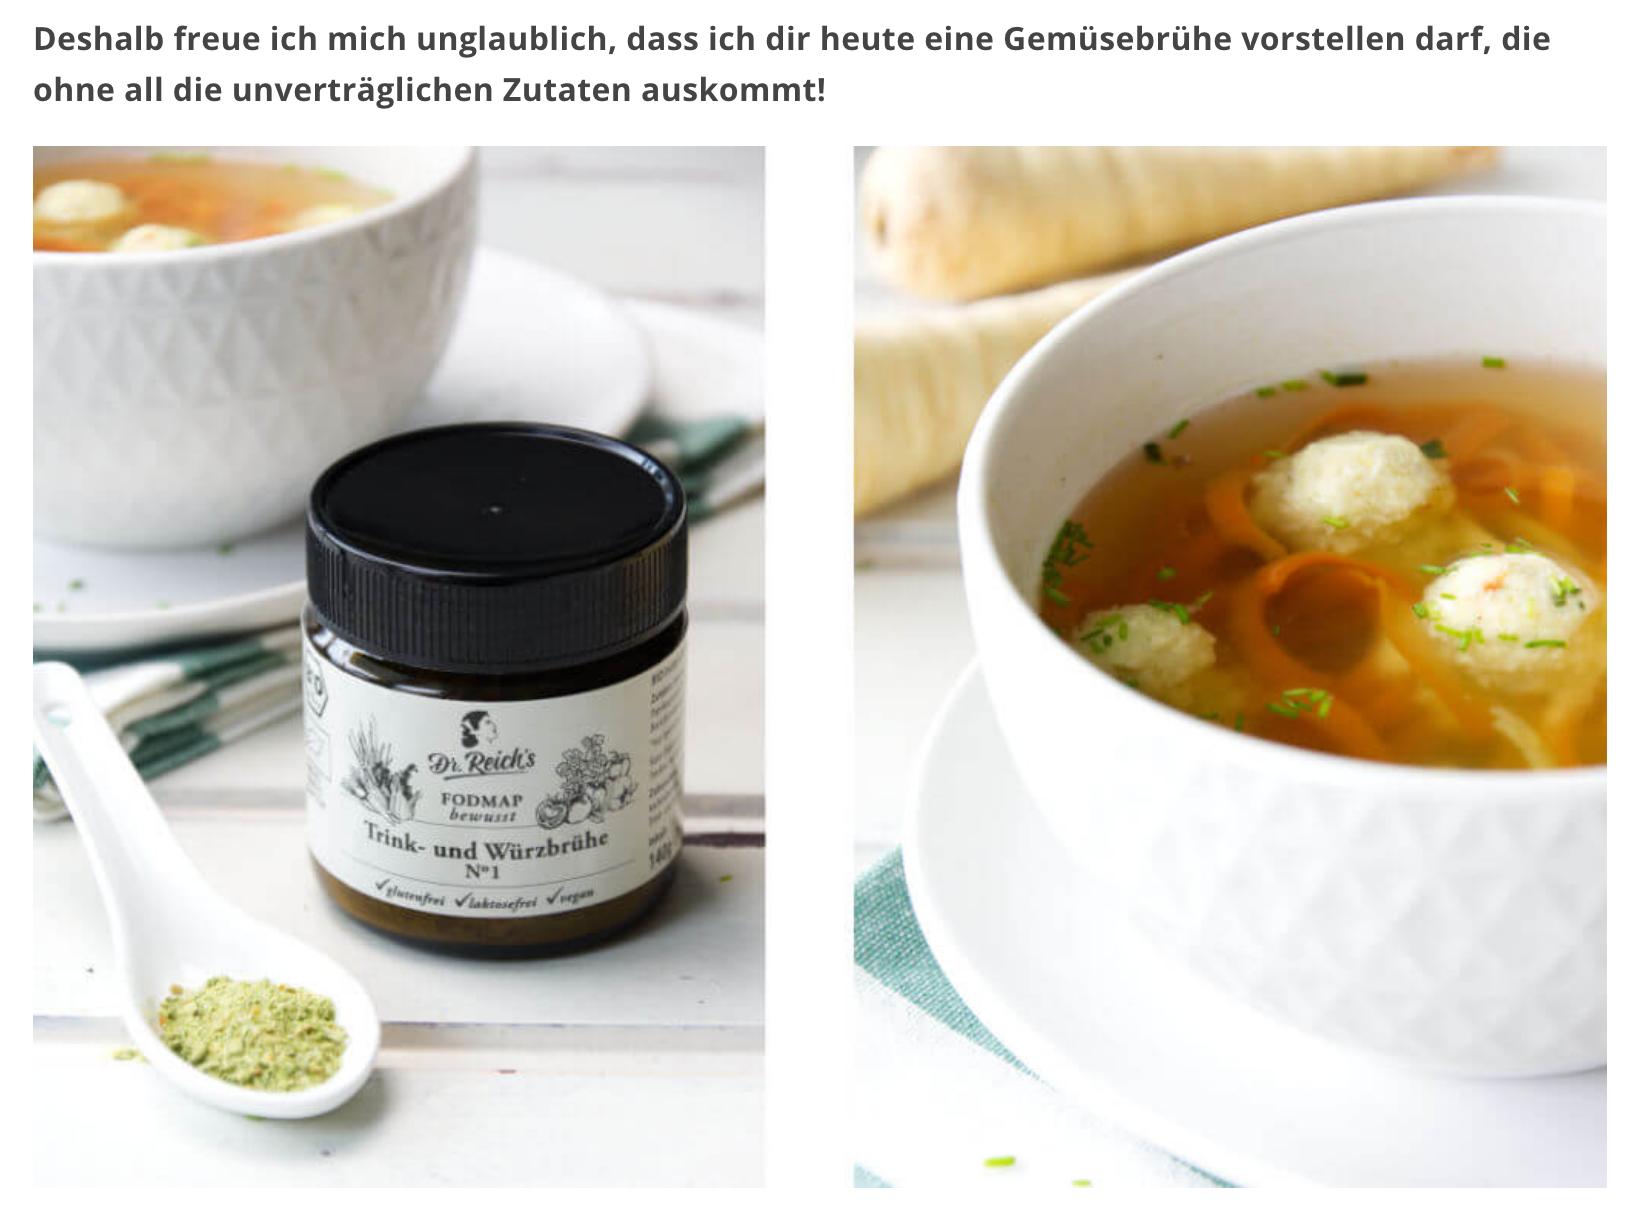 Dr Reichs Trink und Würzbrühe im Blog Weglasserei